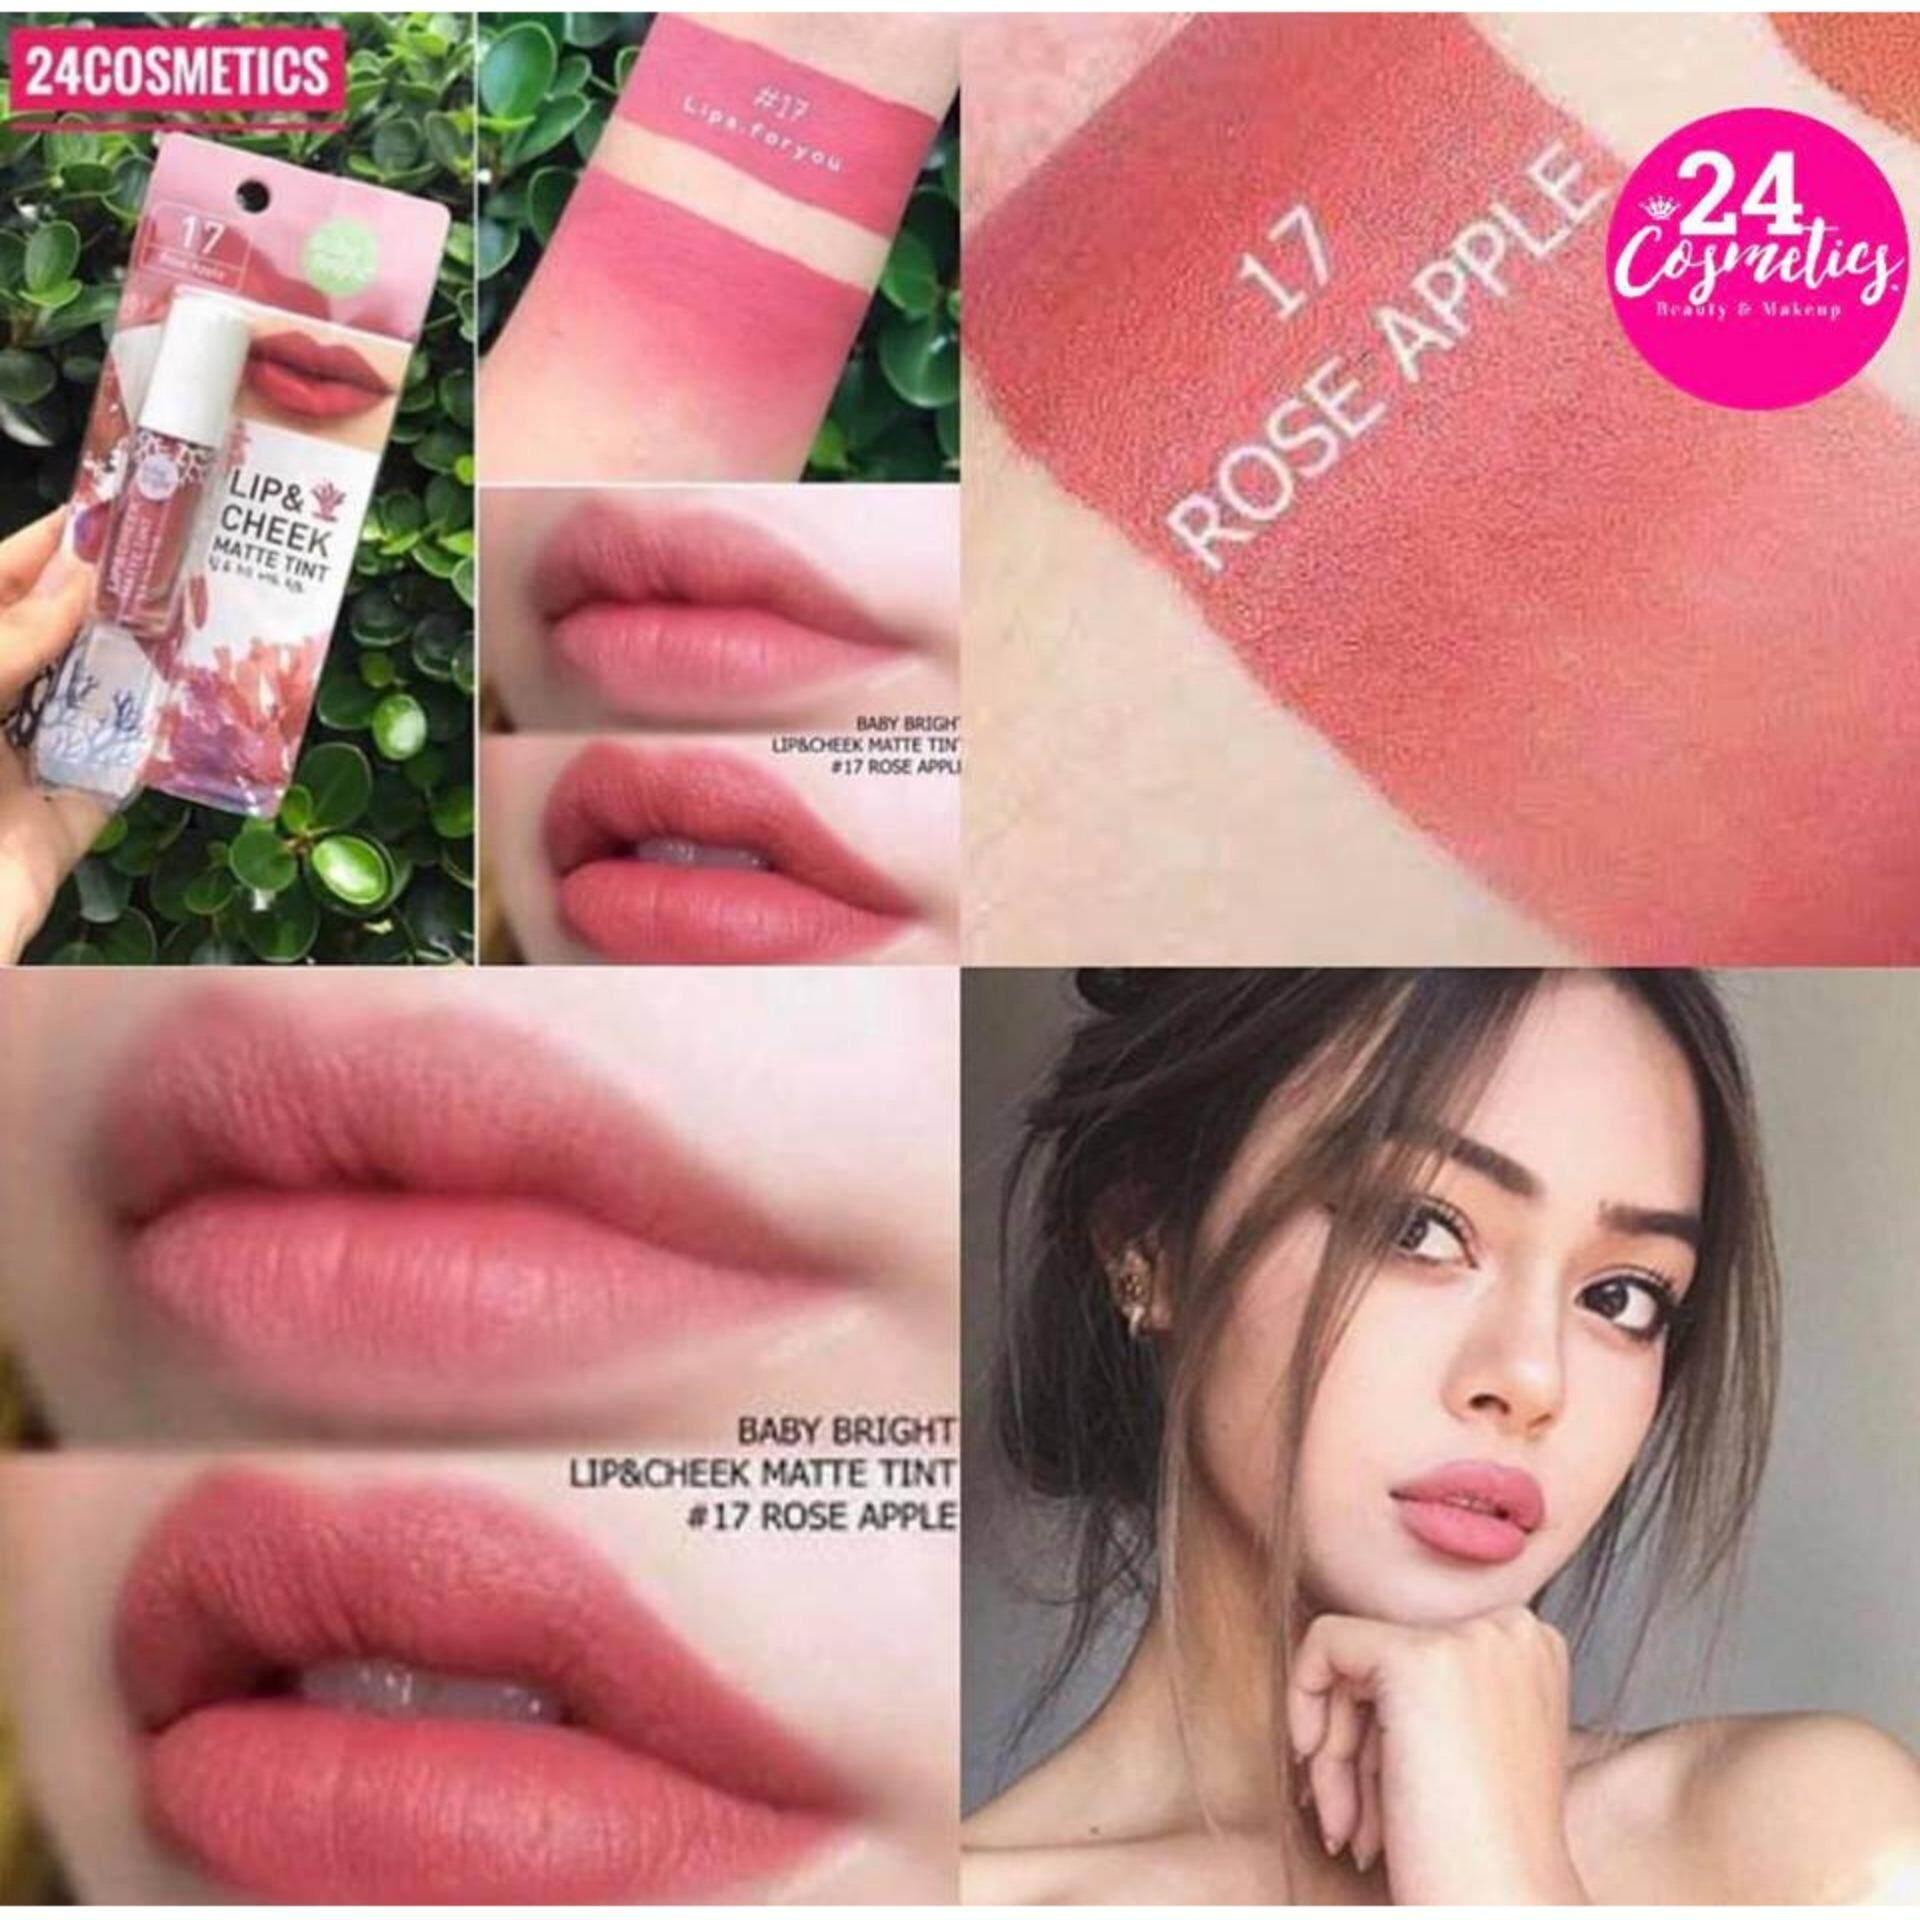 ลิปเบบี้ไบรท์ Baby Bright Lip เบอร์ 17 Rose Apple (เครื่องสำอาง,ลิปสติก,ลิป,ลิปแมท,ลิปจิ้มจุ่ม,ลิปทิน,ติดทน,ราคาถูก,ของแท้).